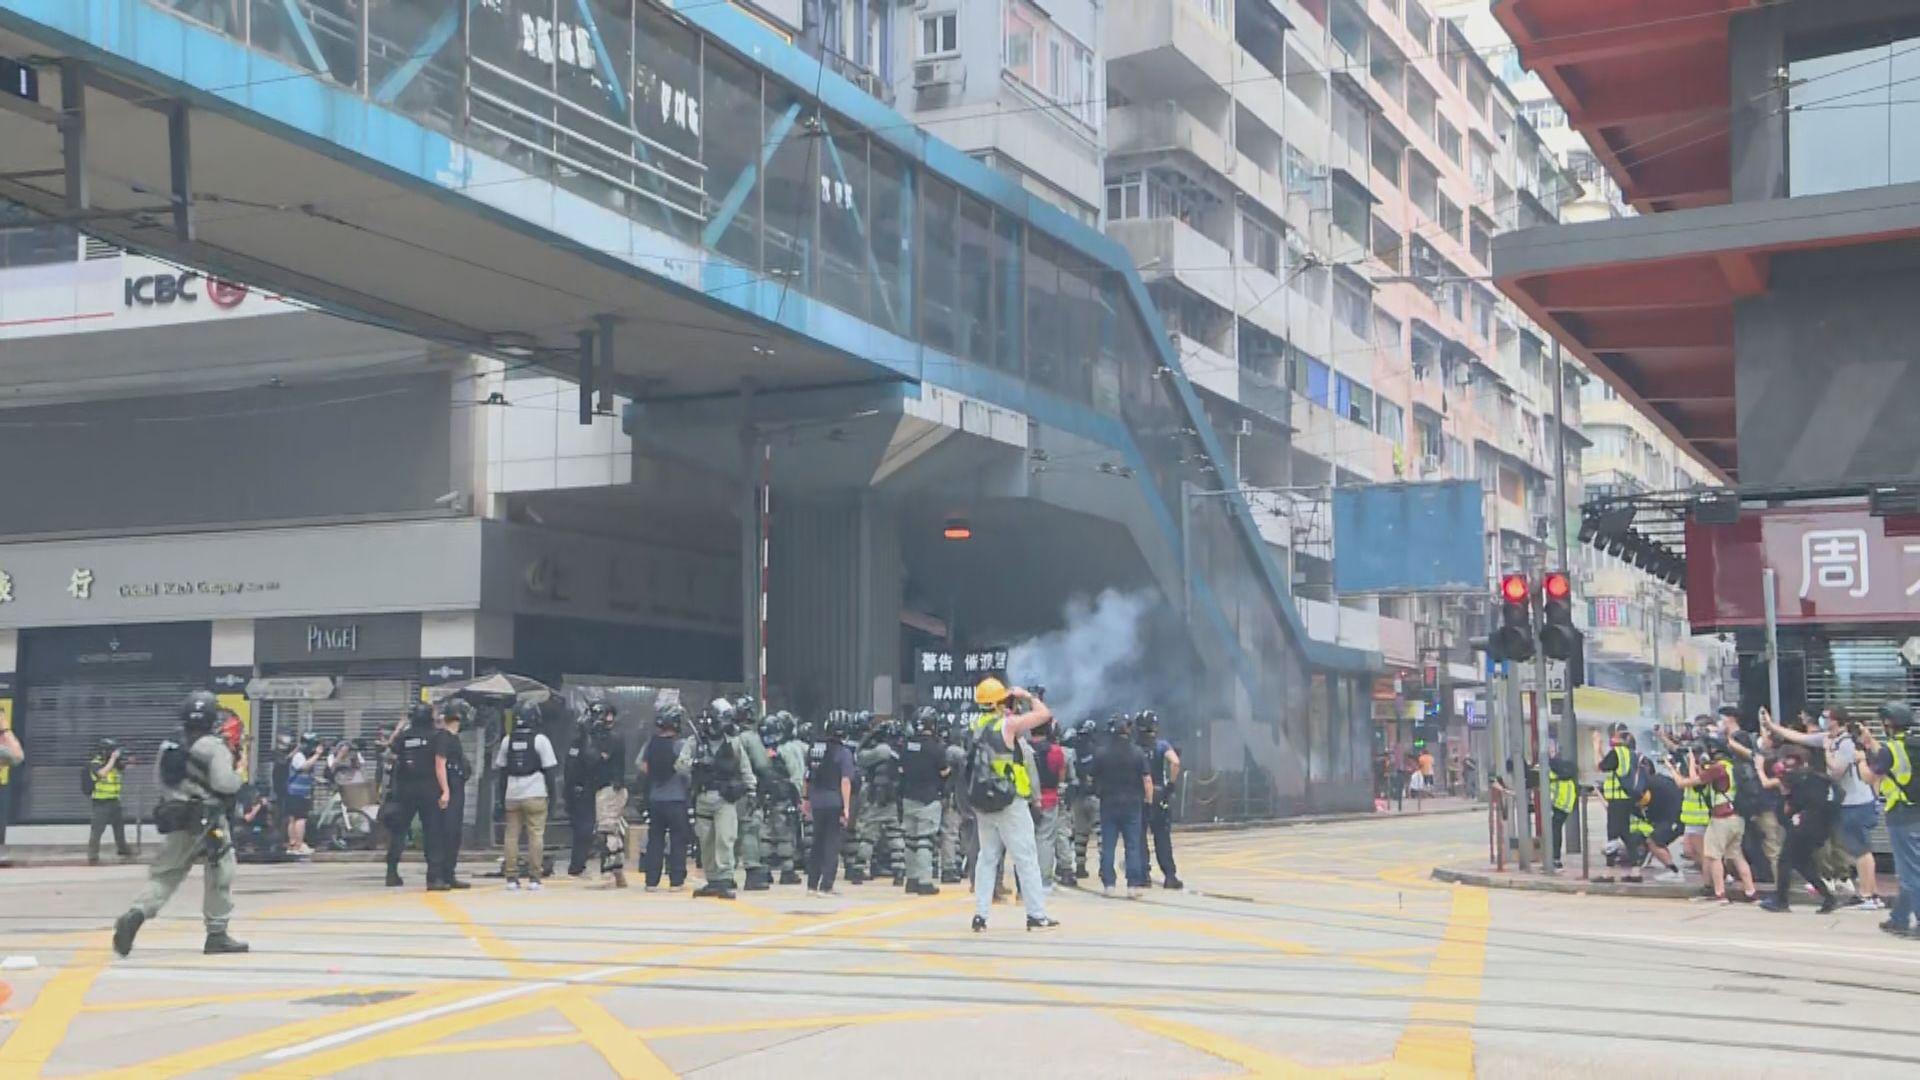 示威者銅鑼灣灣仔一帶堵路燒雜物 警方施放催淚彈